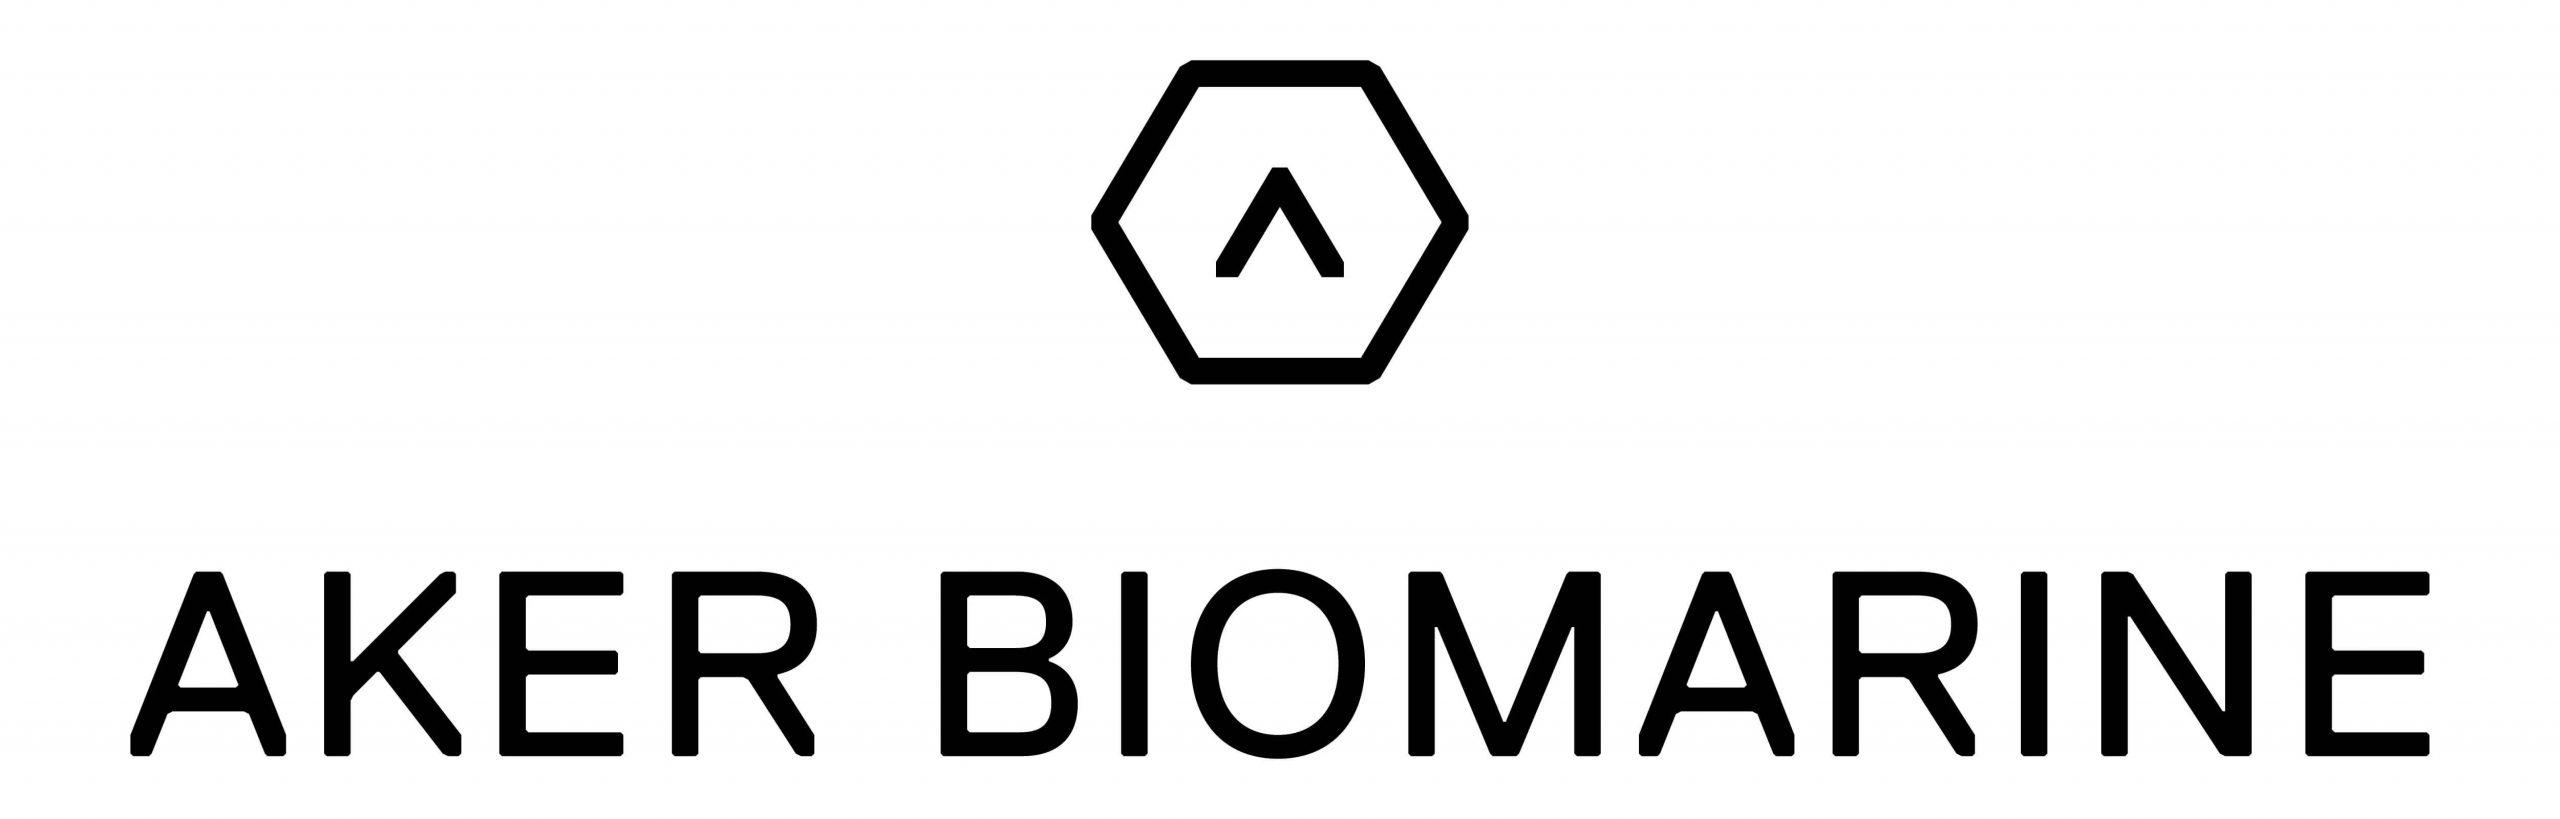 Aker-Biomarine-logo